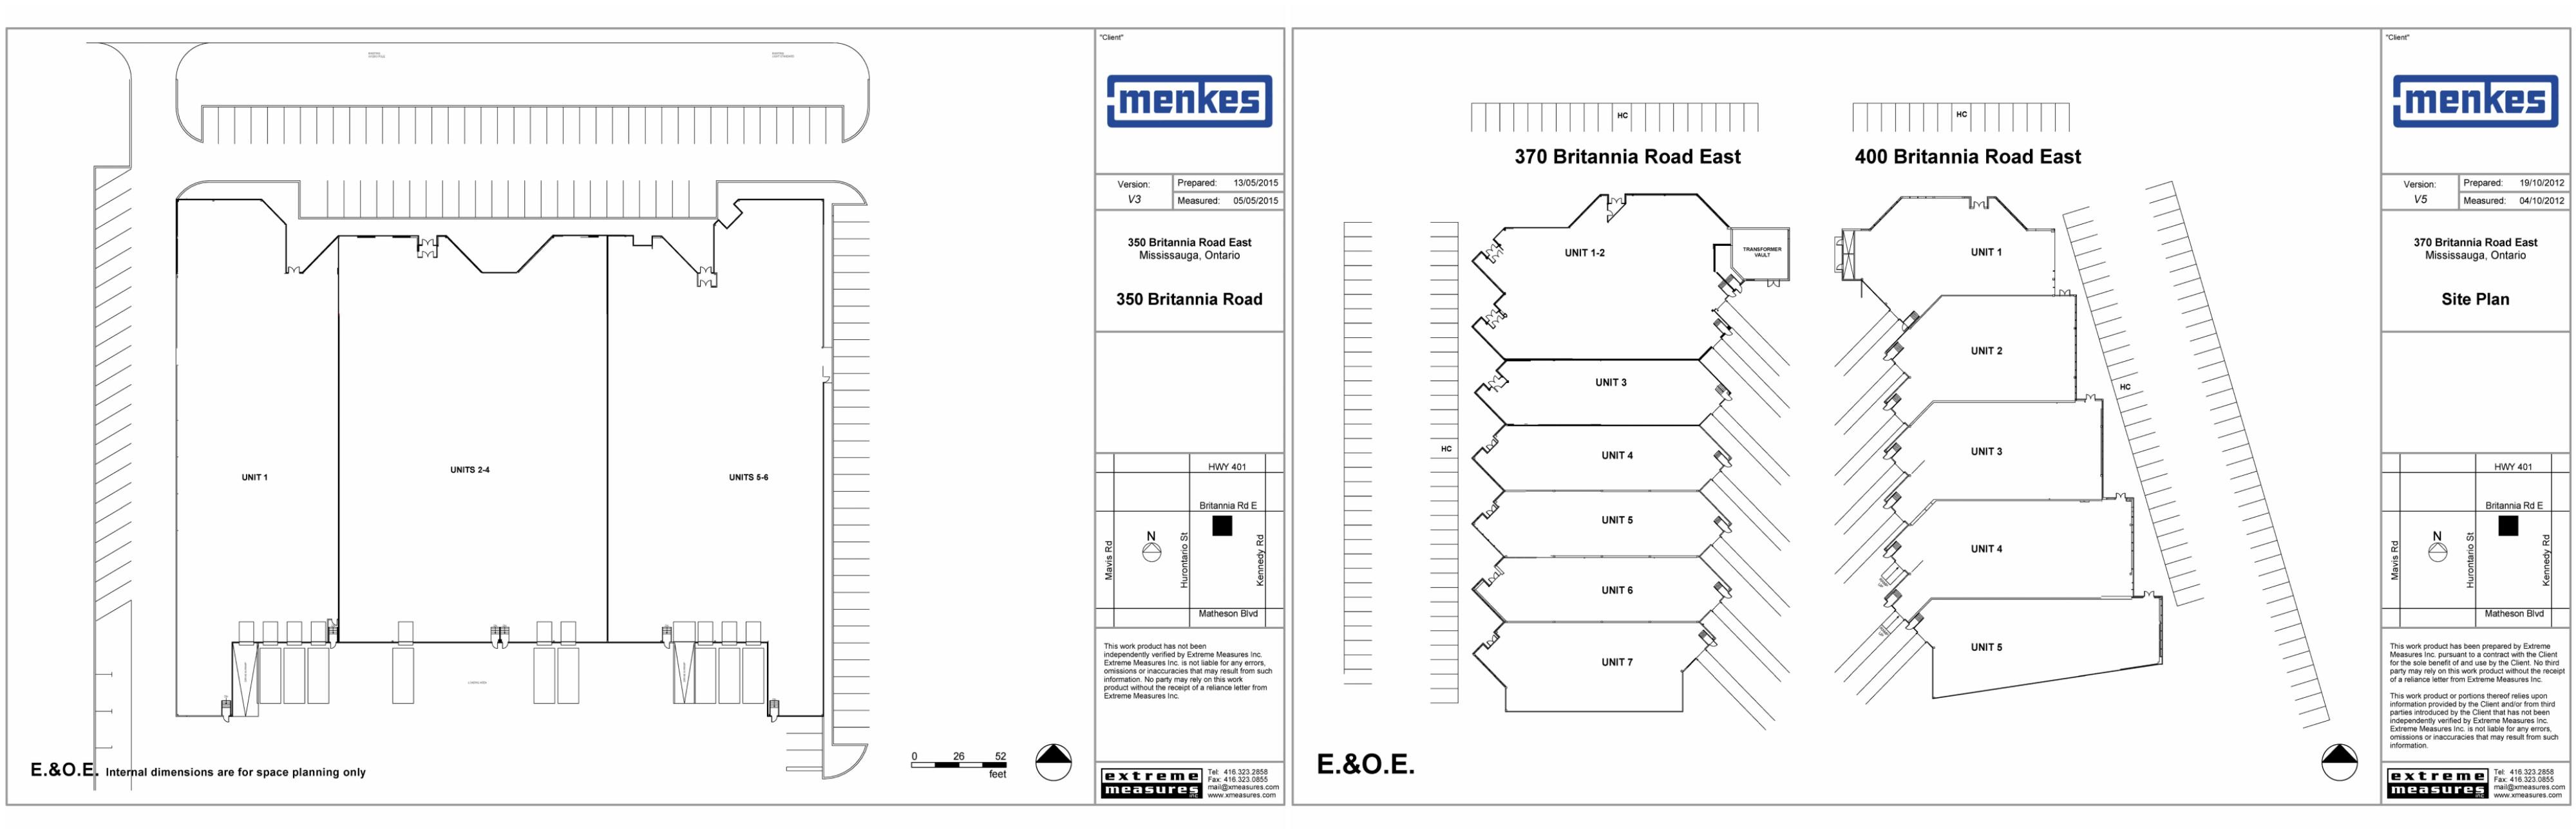 350-400 Britannia Rd E Site Plan